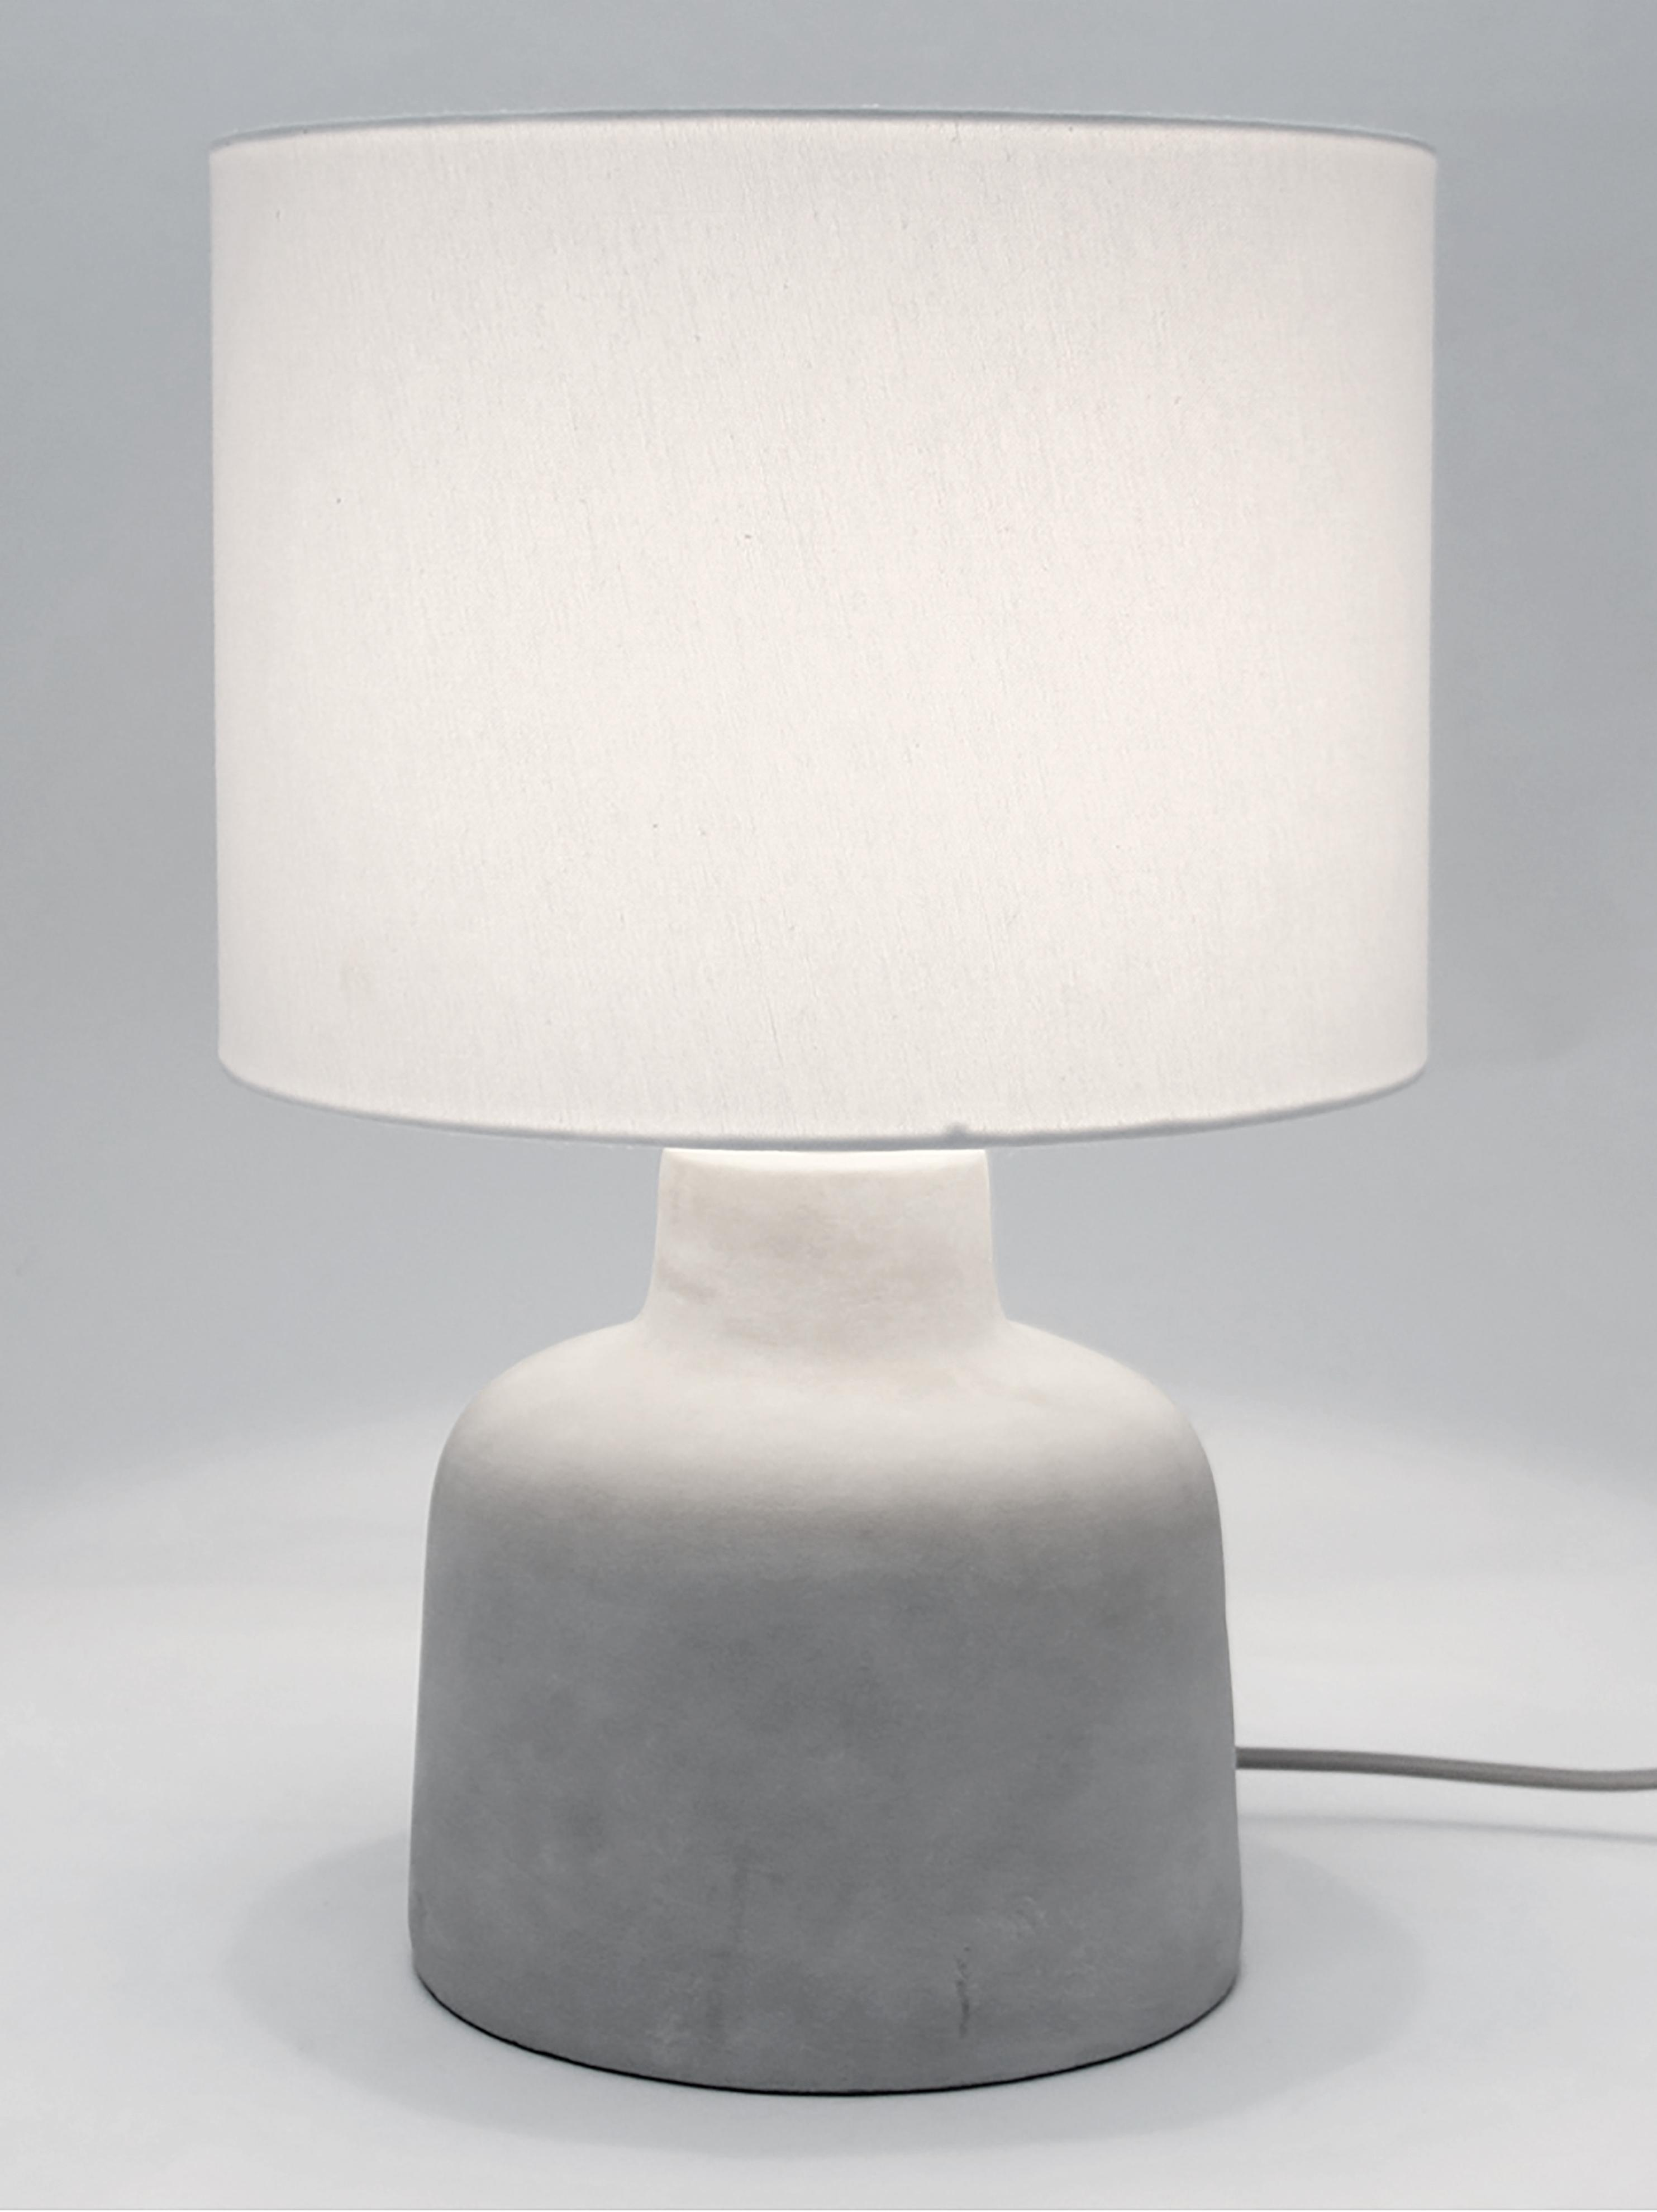 Lampada da tavolo in cemento Ike, Paralume: 100% lino, Base della lampada: cemento, Cemento, bianco, Ø 30 x Alt. 45 cm